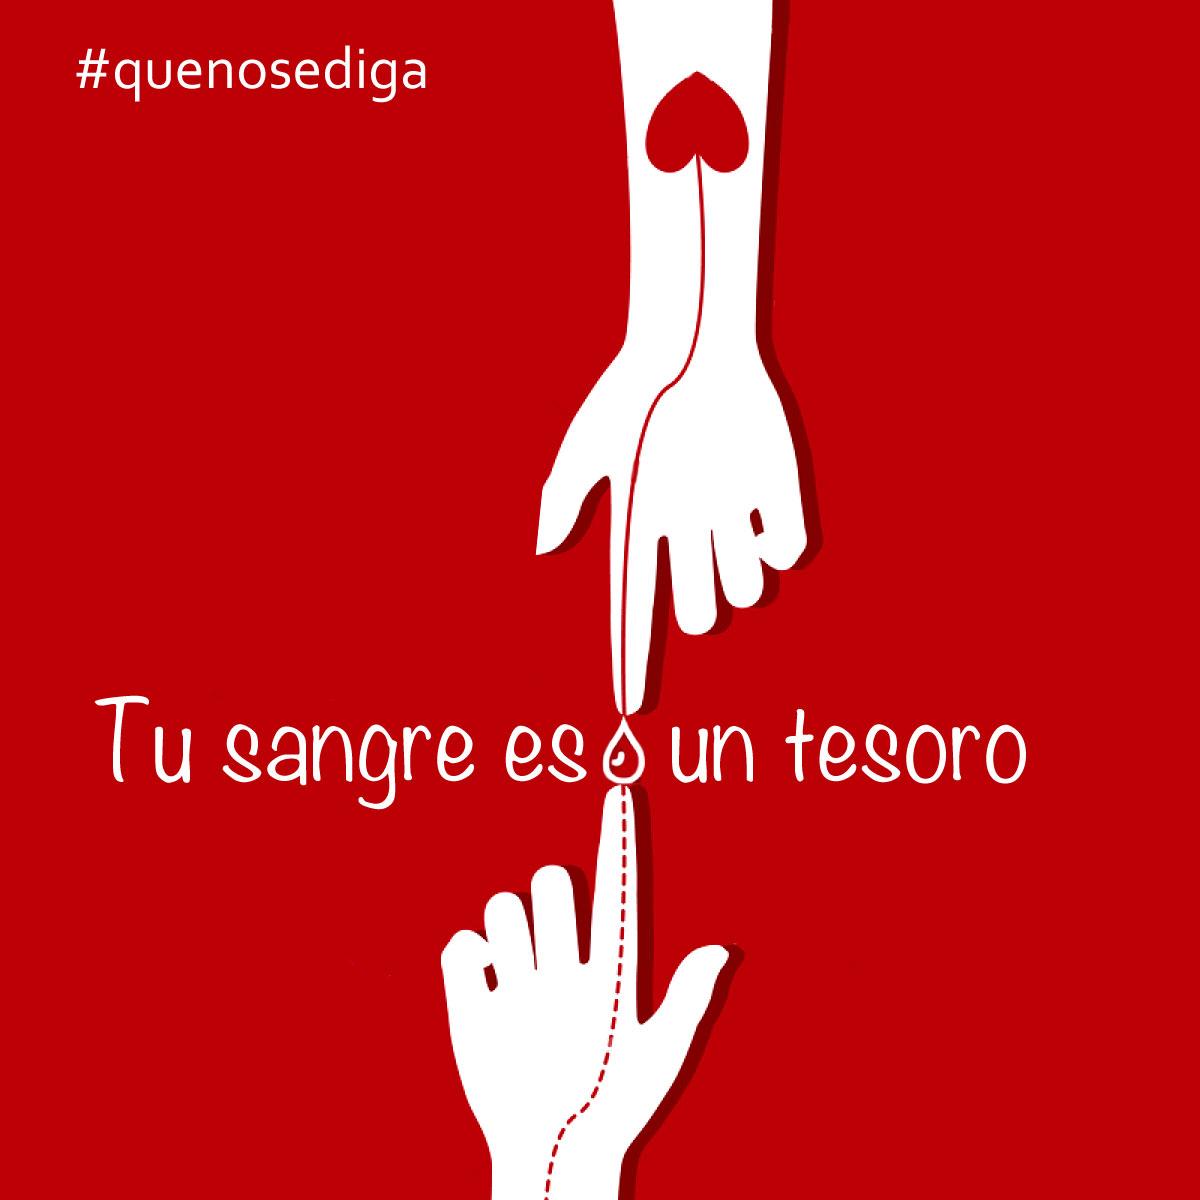 ¿Vives en Pola de Lena? ¿Quieres donar sangre? Pues los días 4 y 5 de febrero estaremos con una Unidad Móvil en el Centro de Salud, en horario de 9 a 14 y 16 a 21 h, ¡Os esperamos! #PoladeLena #donasangre #donavida #quenosedigapic.twitter.com/5gEtr4w8hB